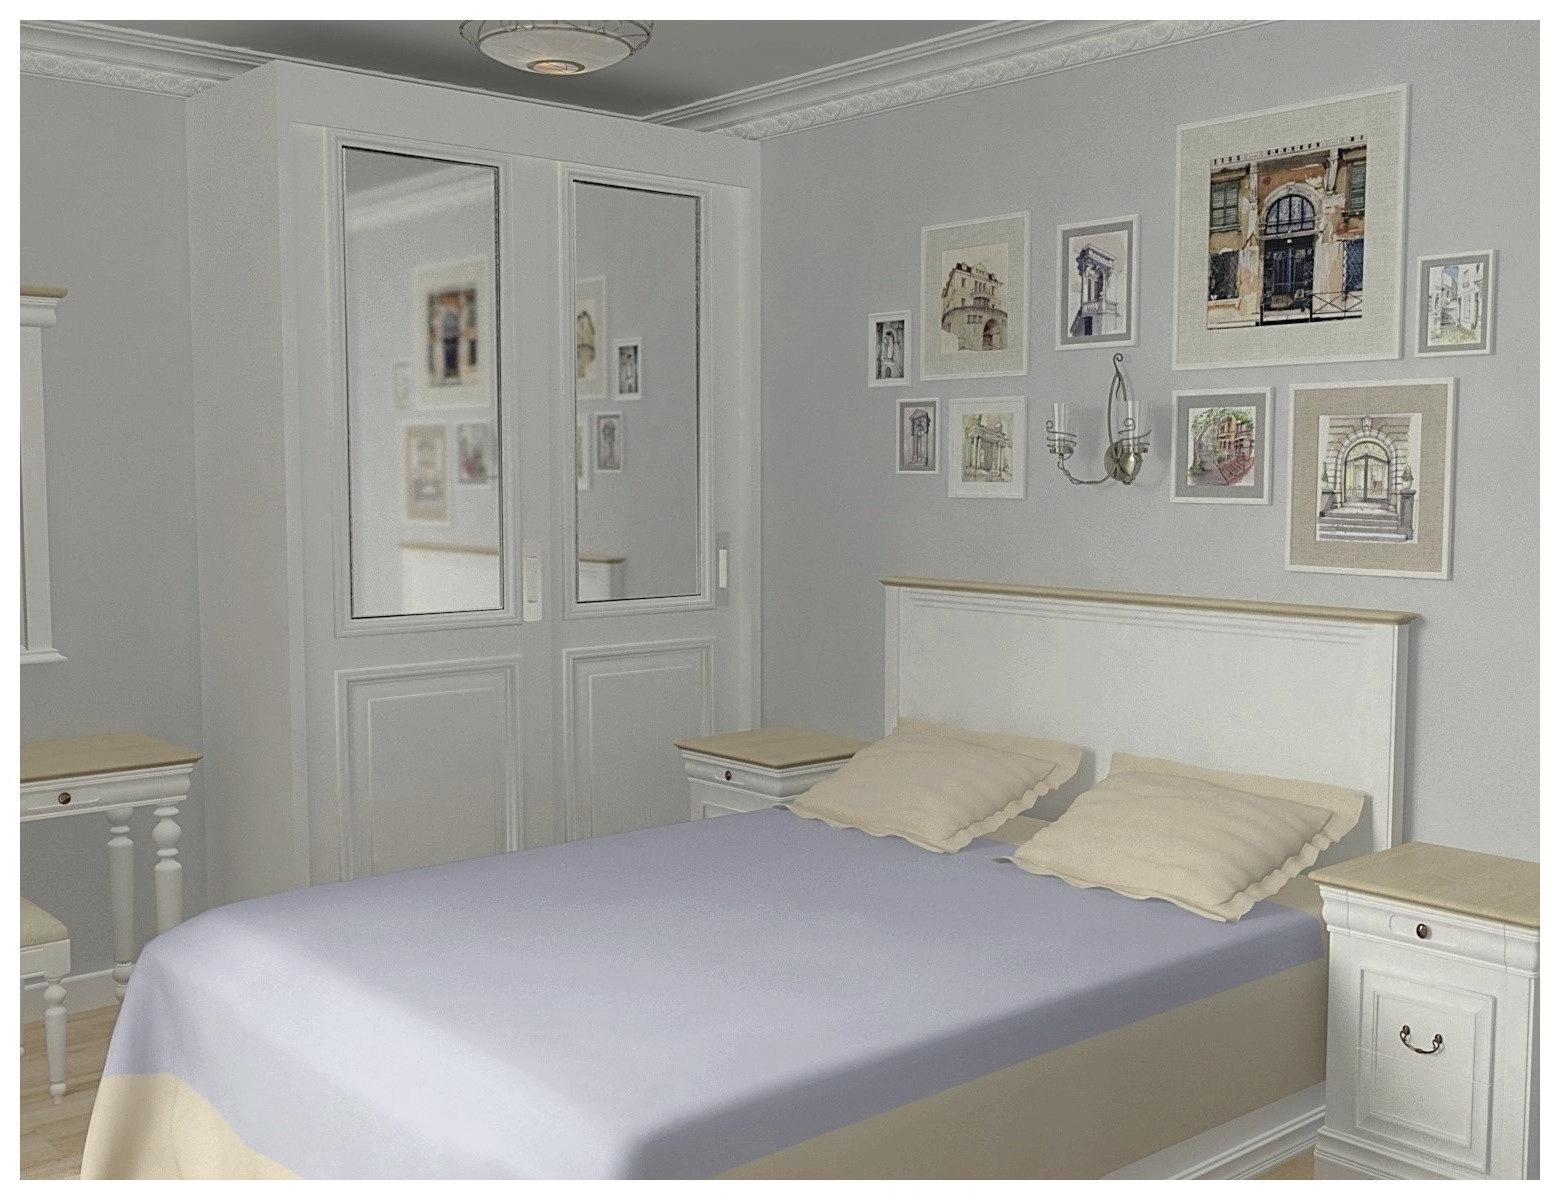 Дизайн интерьеров однокомнатной квартиры. Спальня 1.